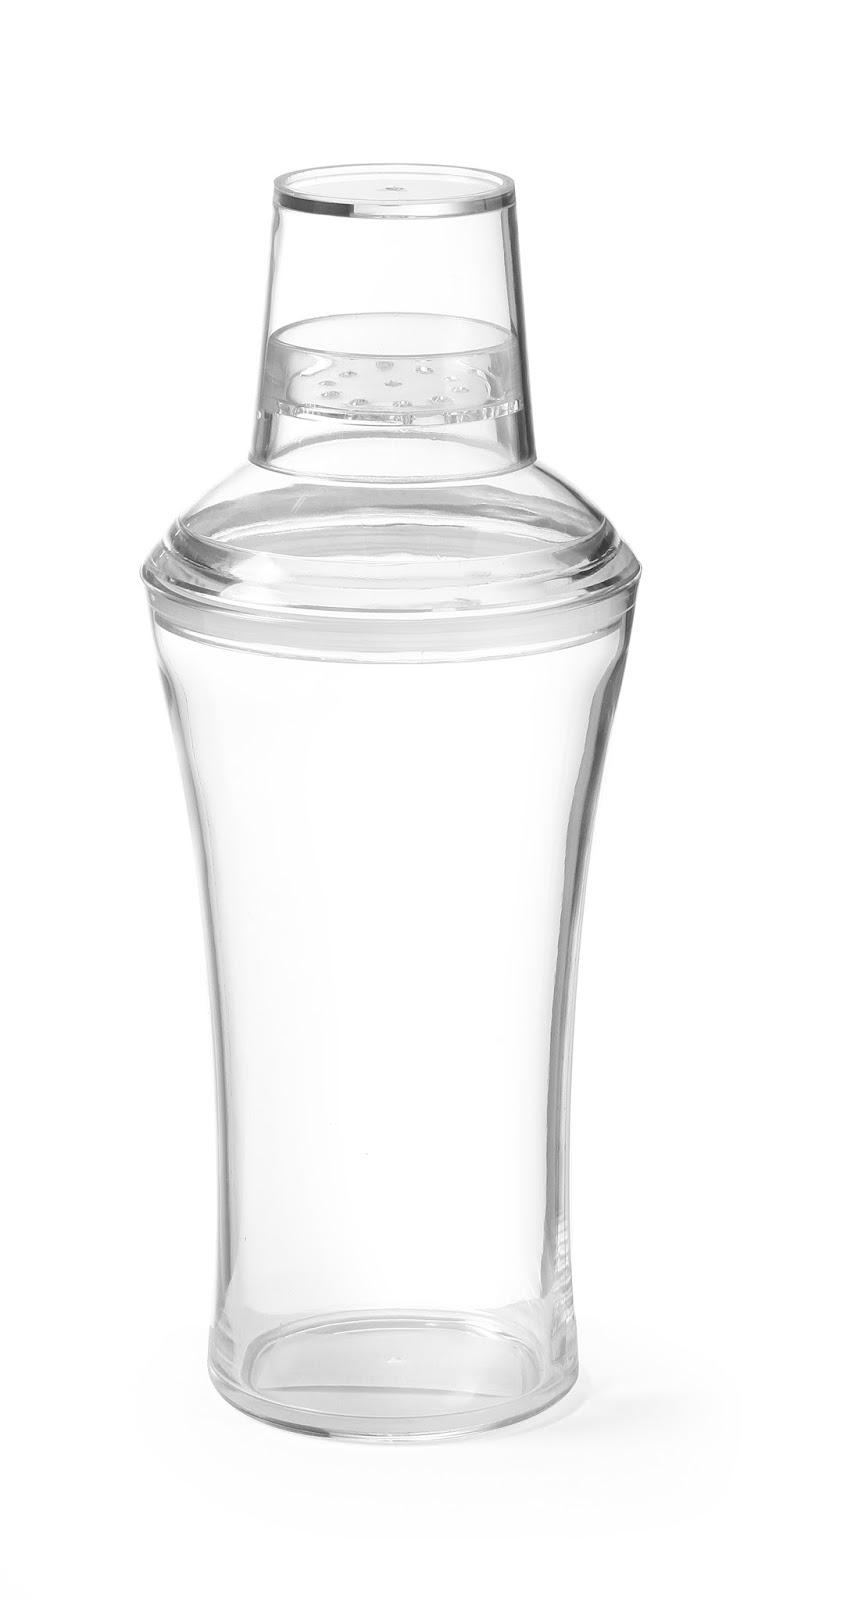 Shaker pentru Cocktailuri, Din Plastic SAN Transparent, Pret 33 RON cu TVA, Shaker pentru Bar, Produse Profesionale Horeca